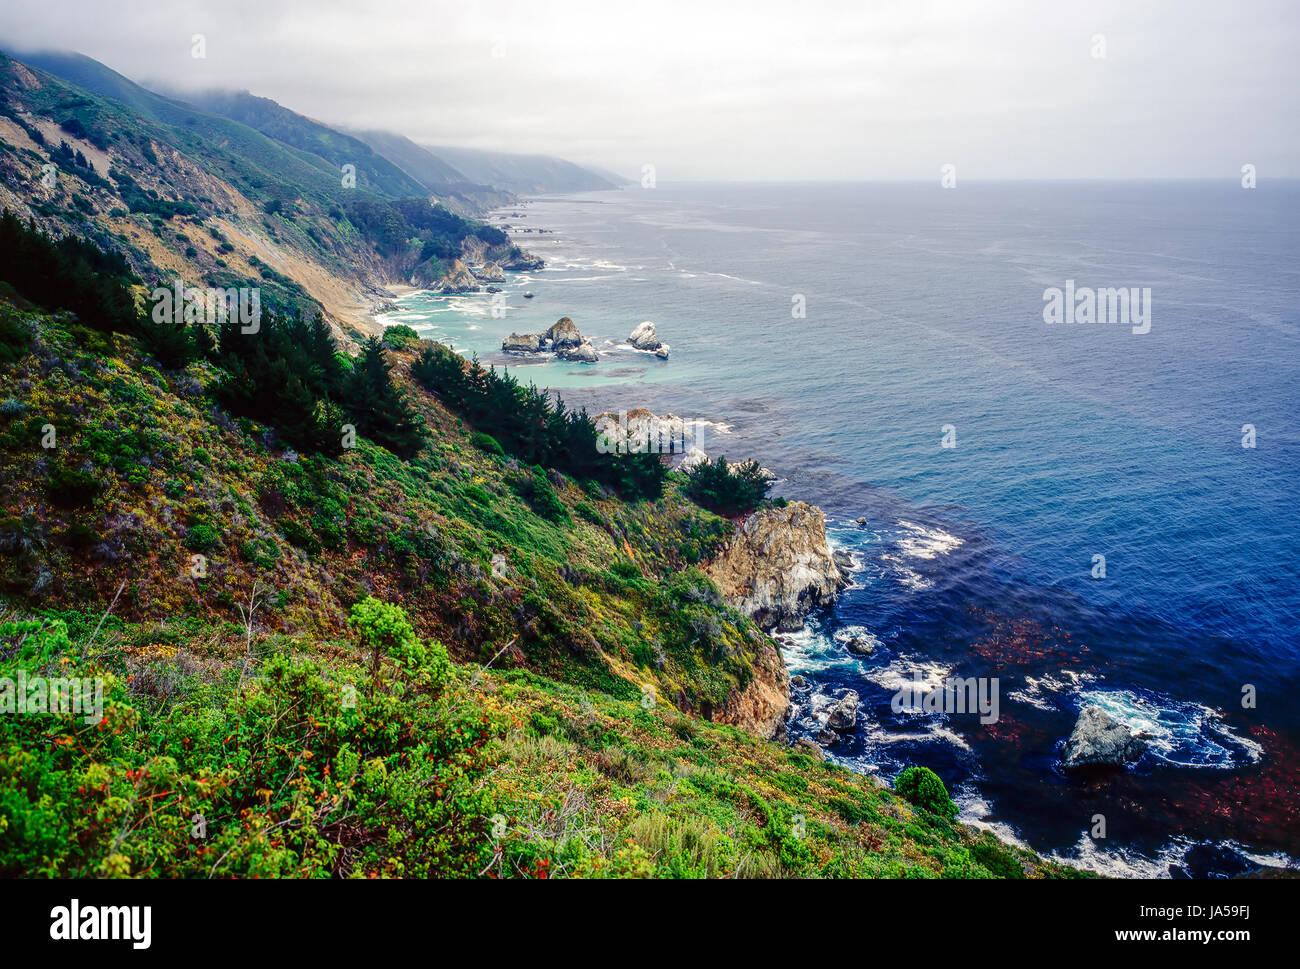 Big Sur, Caélifornia - Stock Image